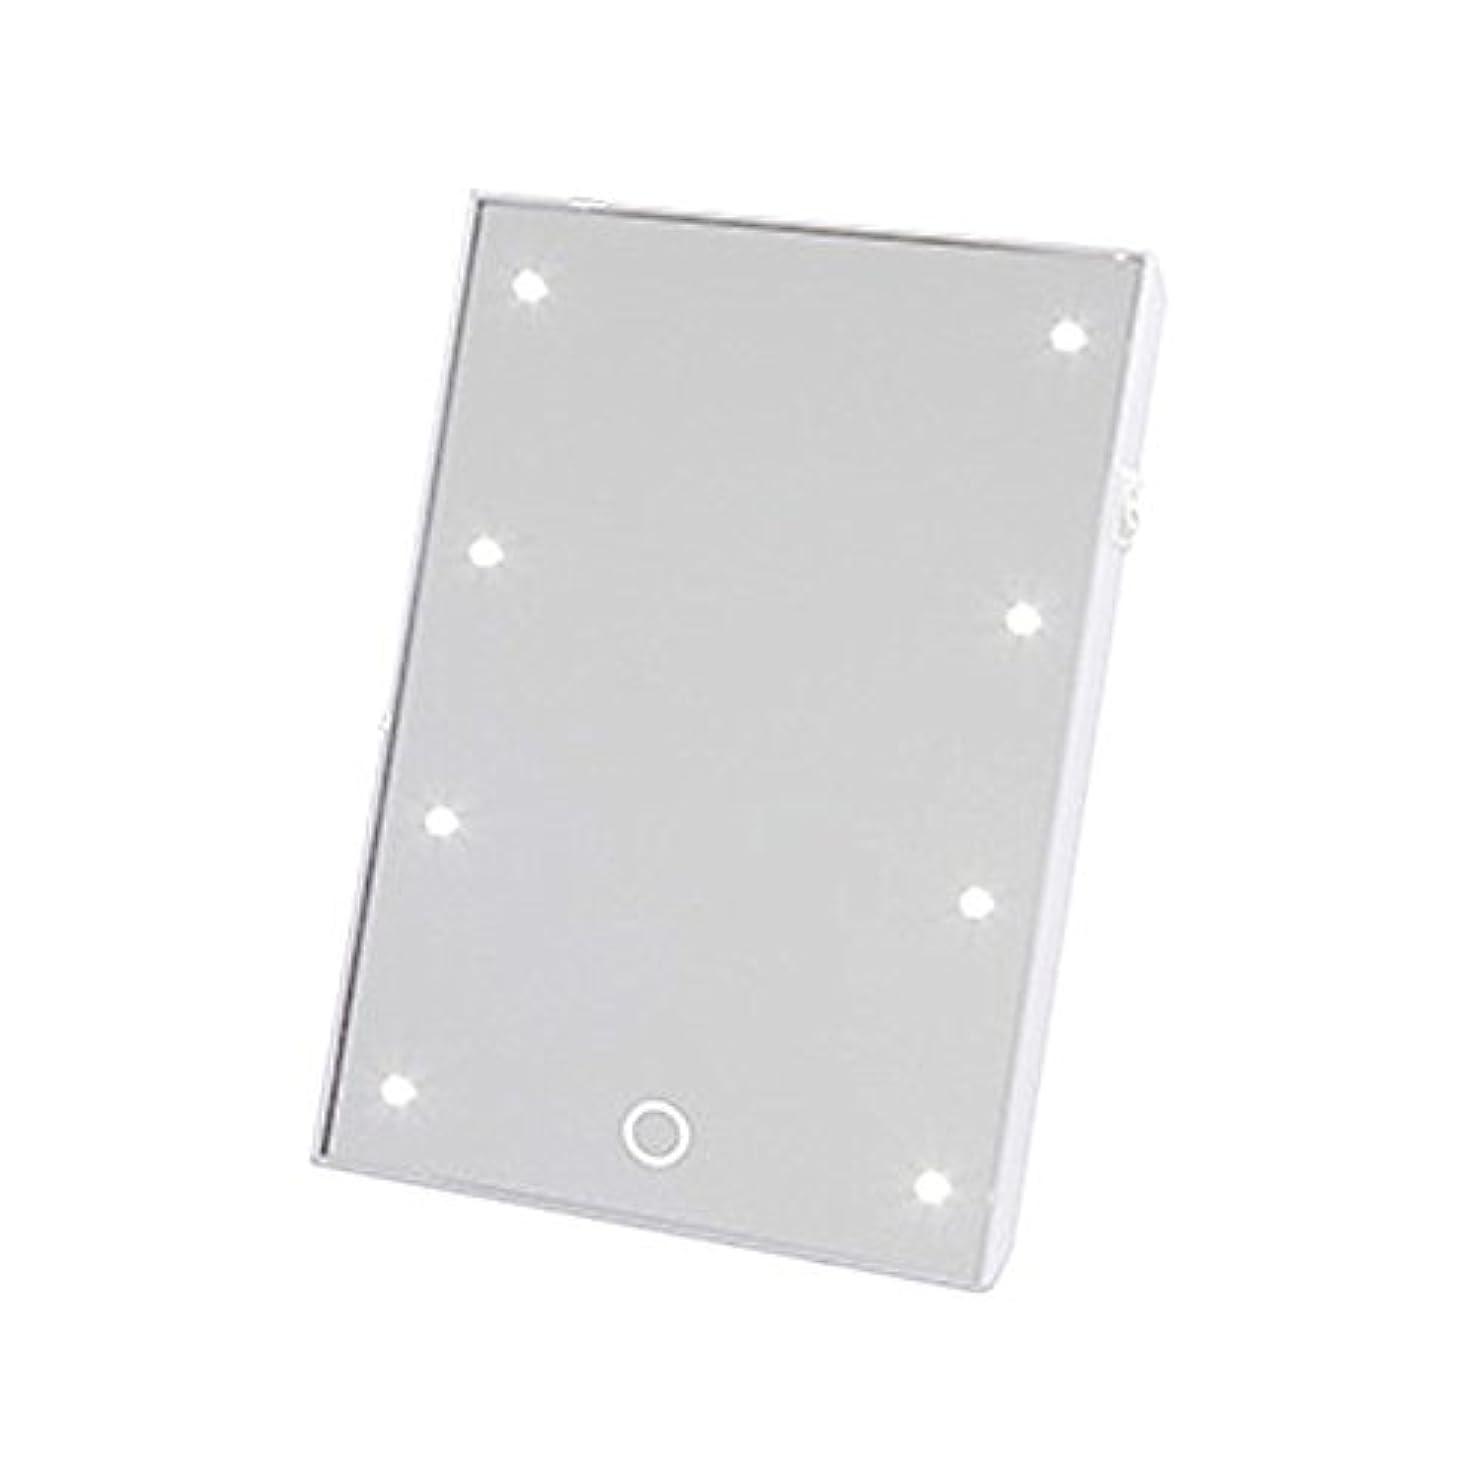 合体それぞれマイナーヤマムラ ブライトニングミラー タッチS (LED付きスタンドミラー) YLD-06 ホワイト